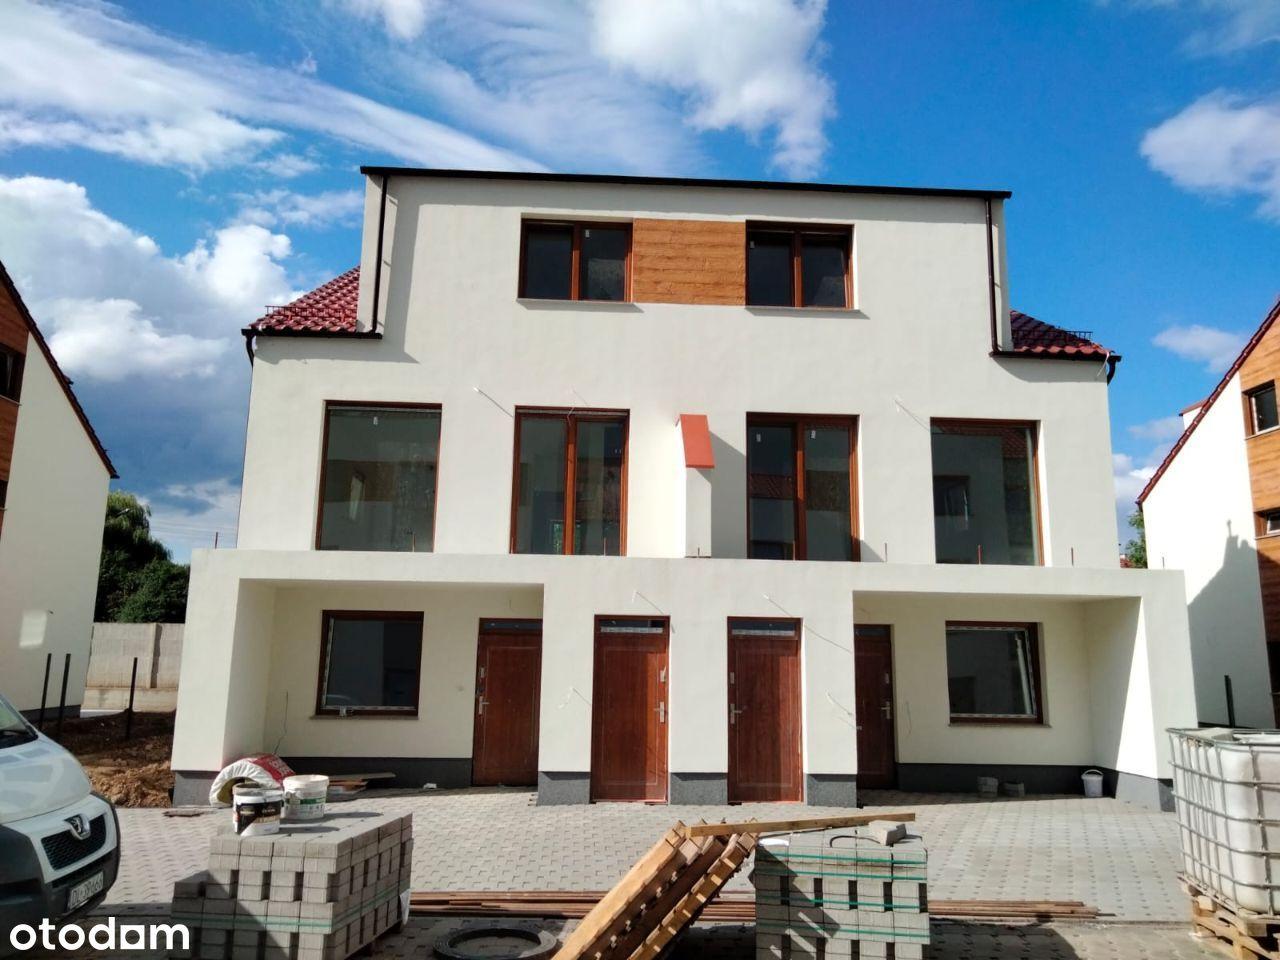 NOWE mieszkanie w DOMKU OGRÓD parking w CENIE